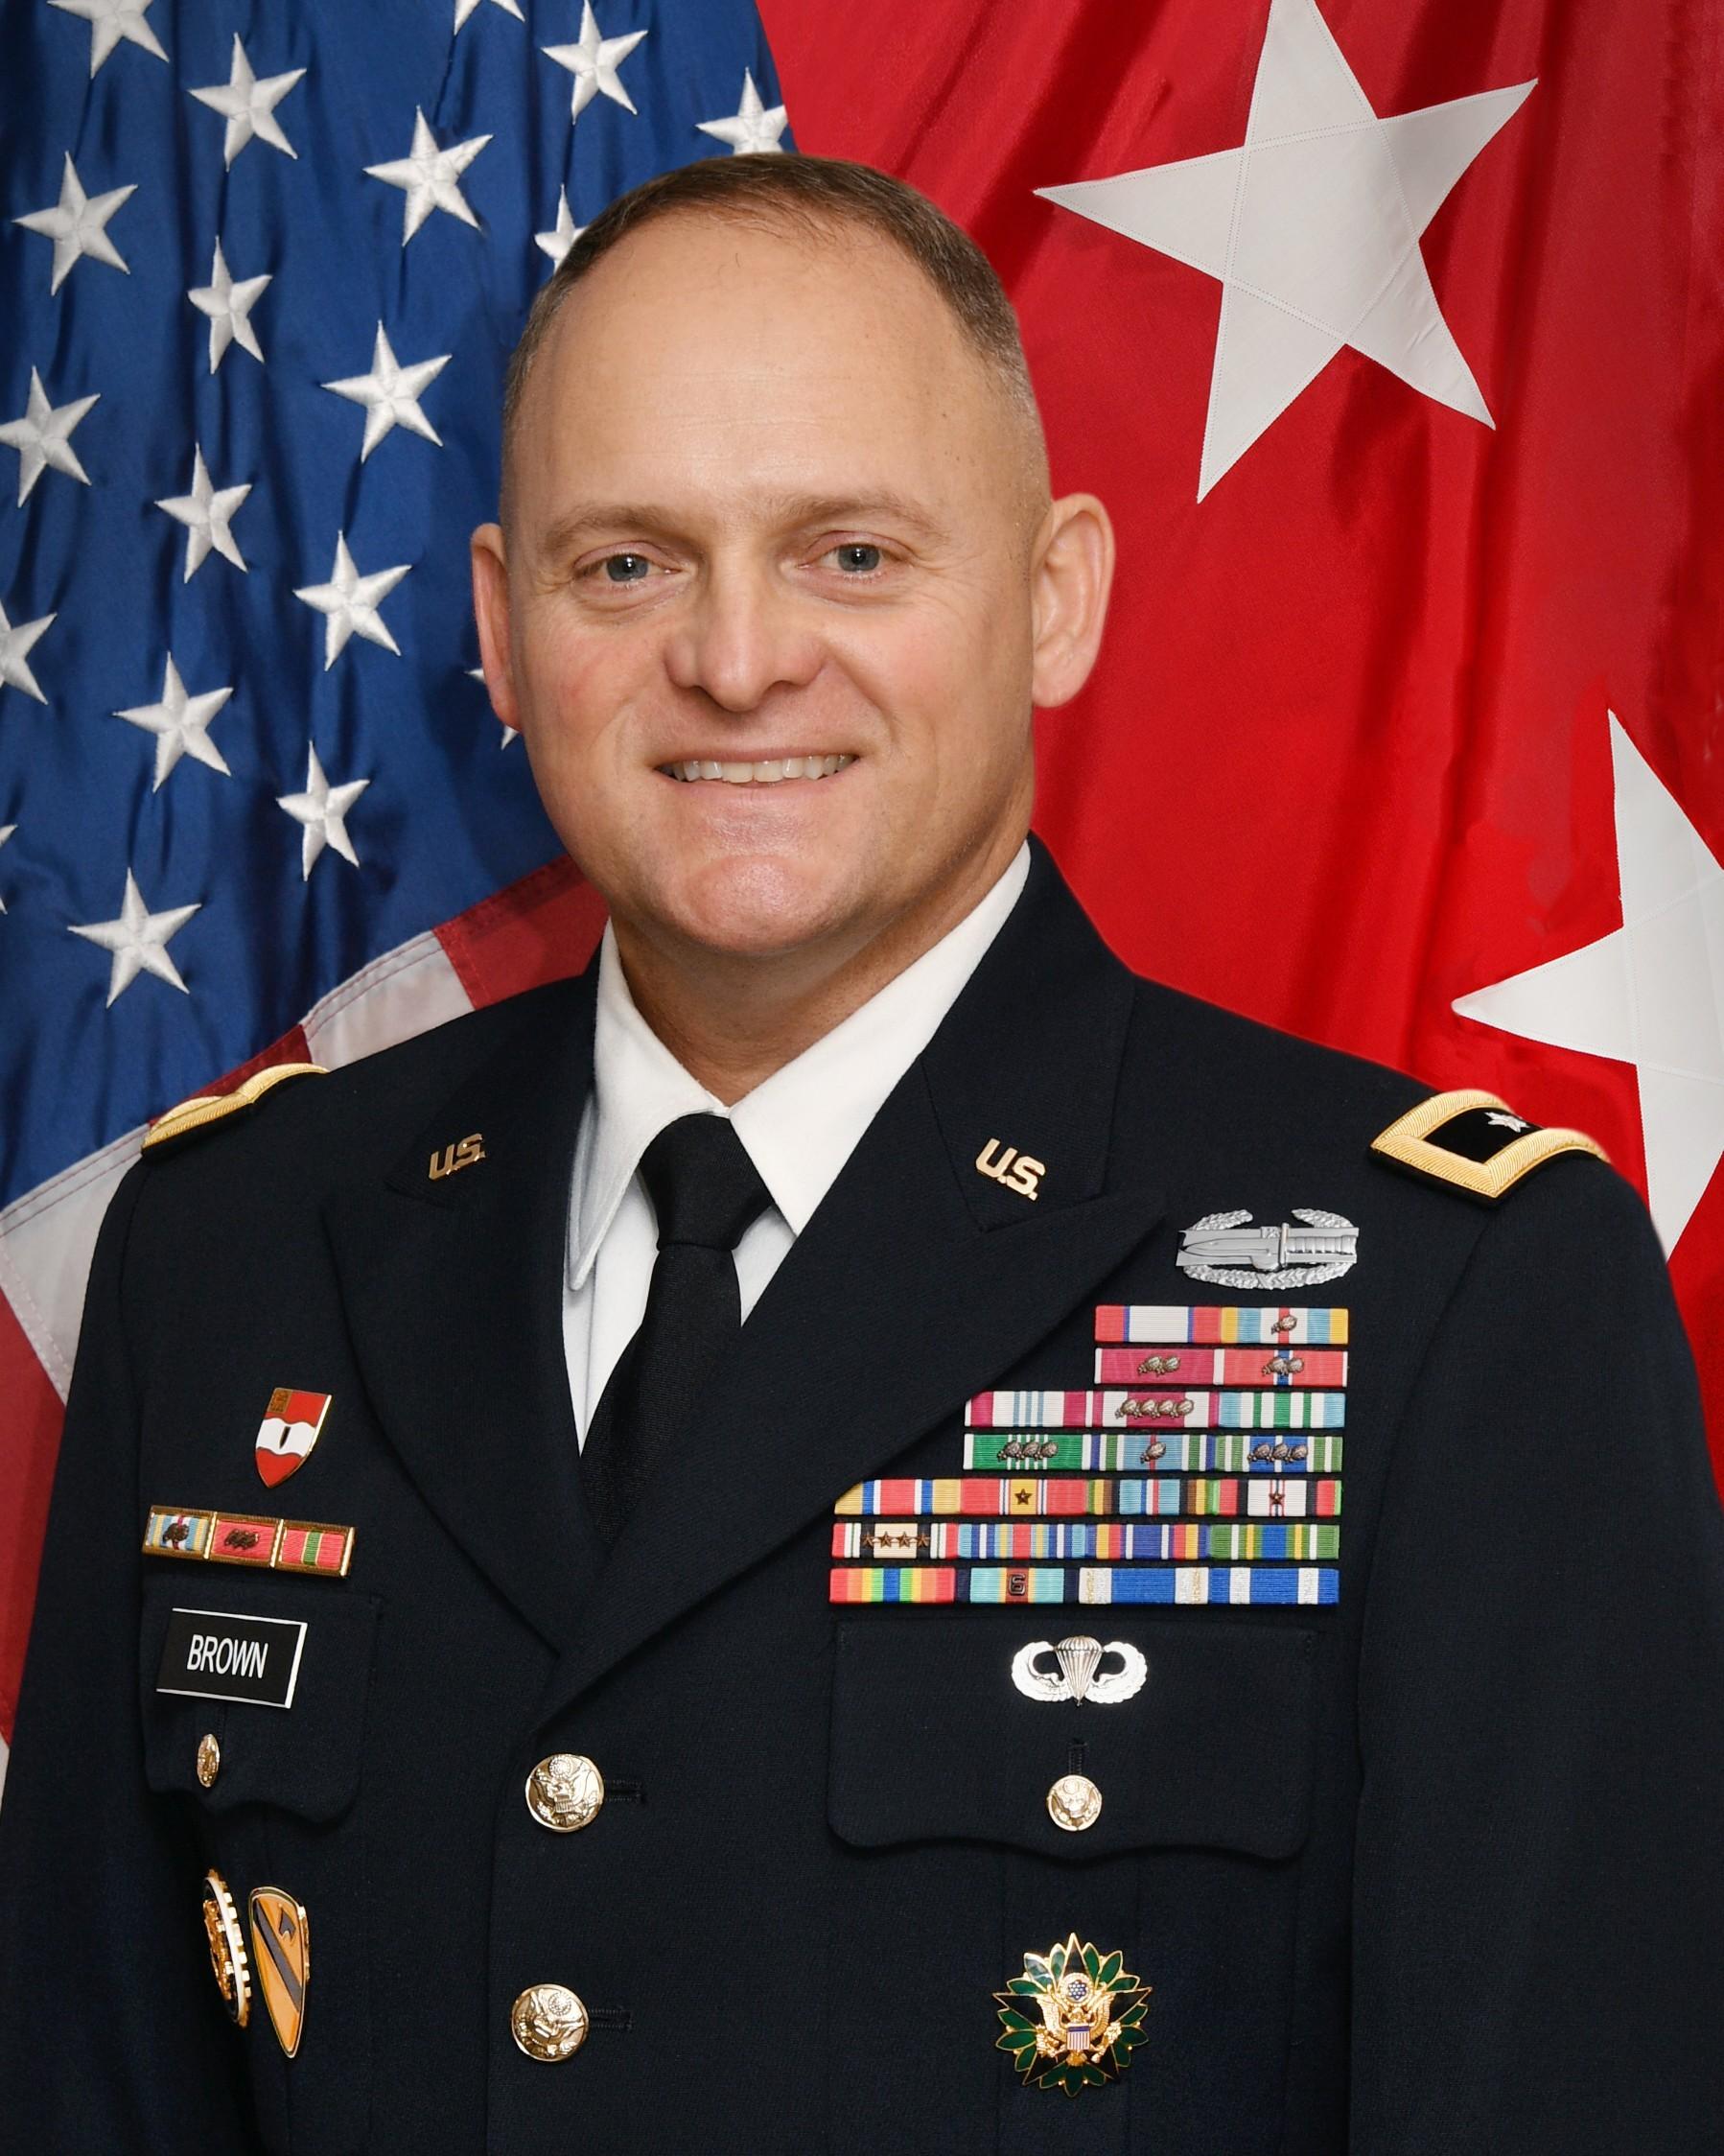 Major General Edmond (Miles) Brown